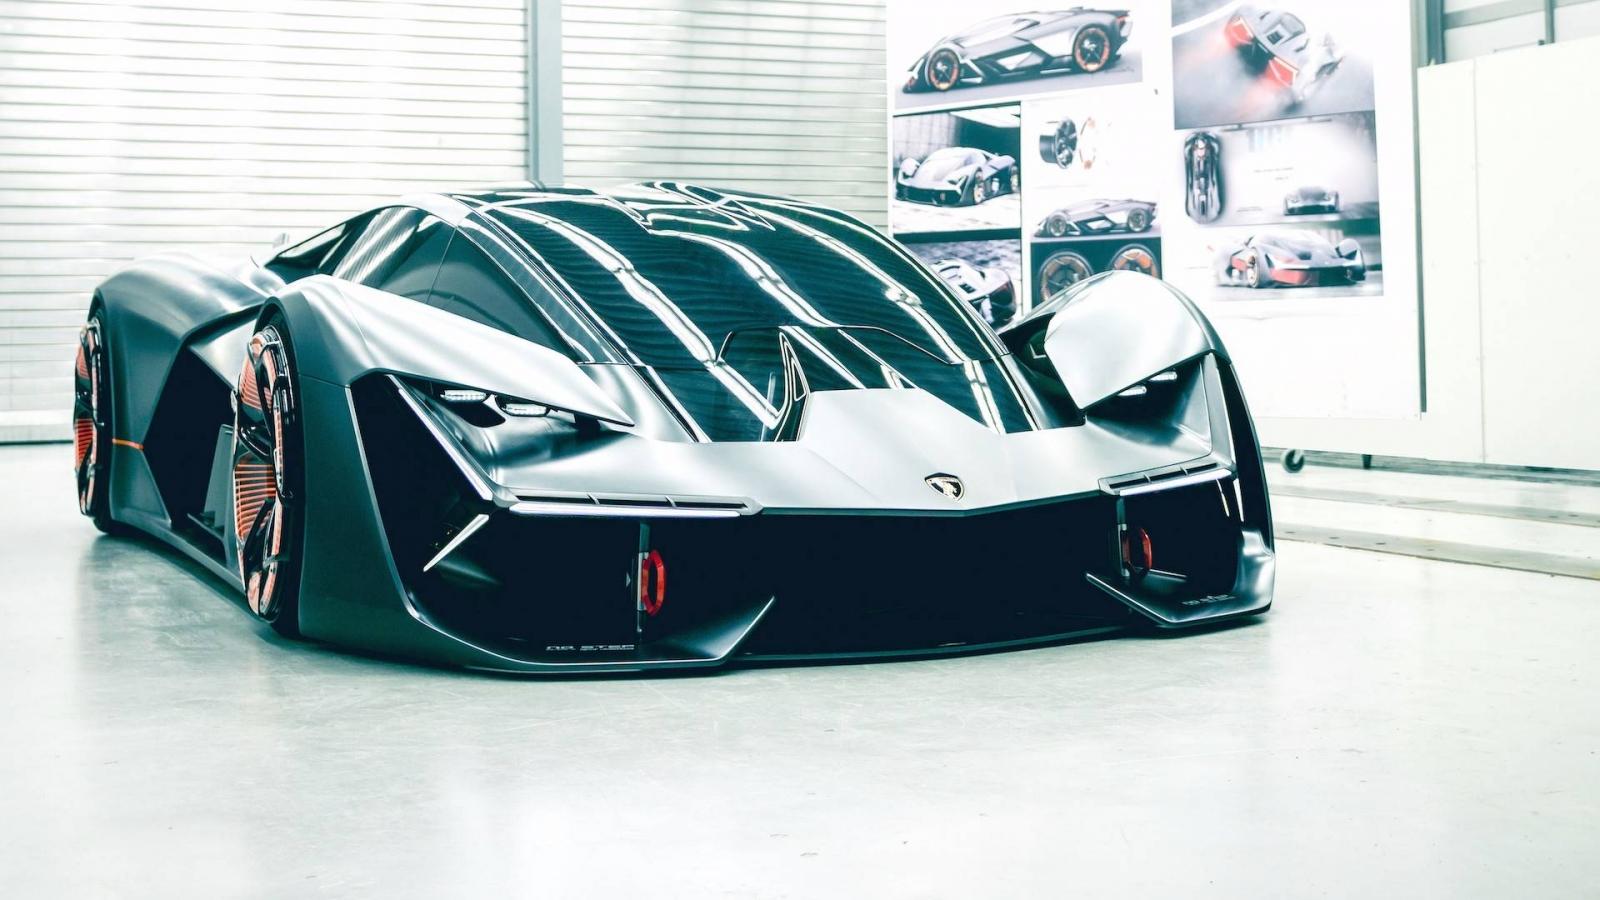 لامبورگینی از خودروی مفهومی - اجاره خودرو - اجاره ماشین